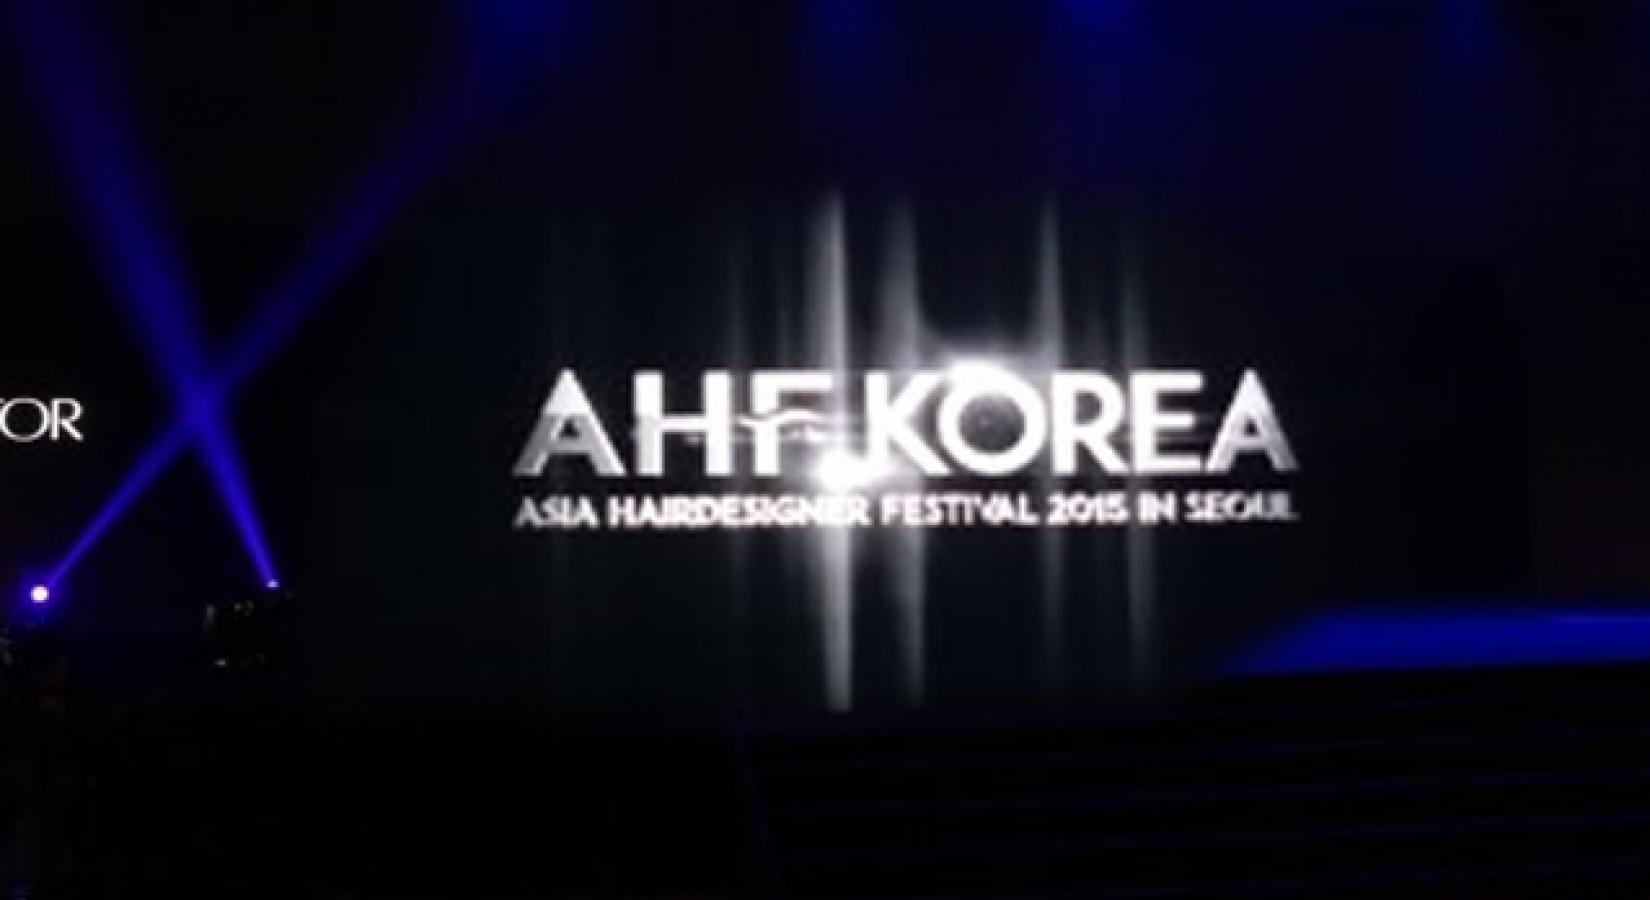 Asia Hairdesigner Festival 2015